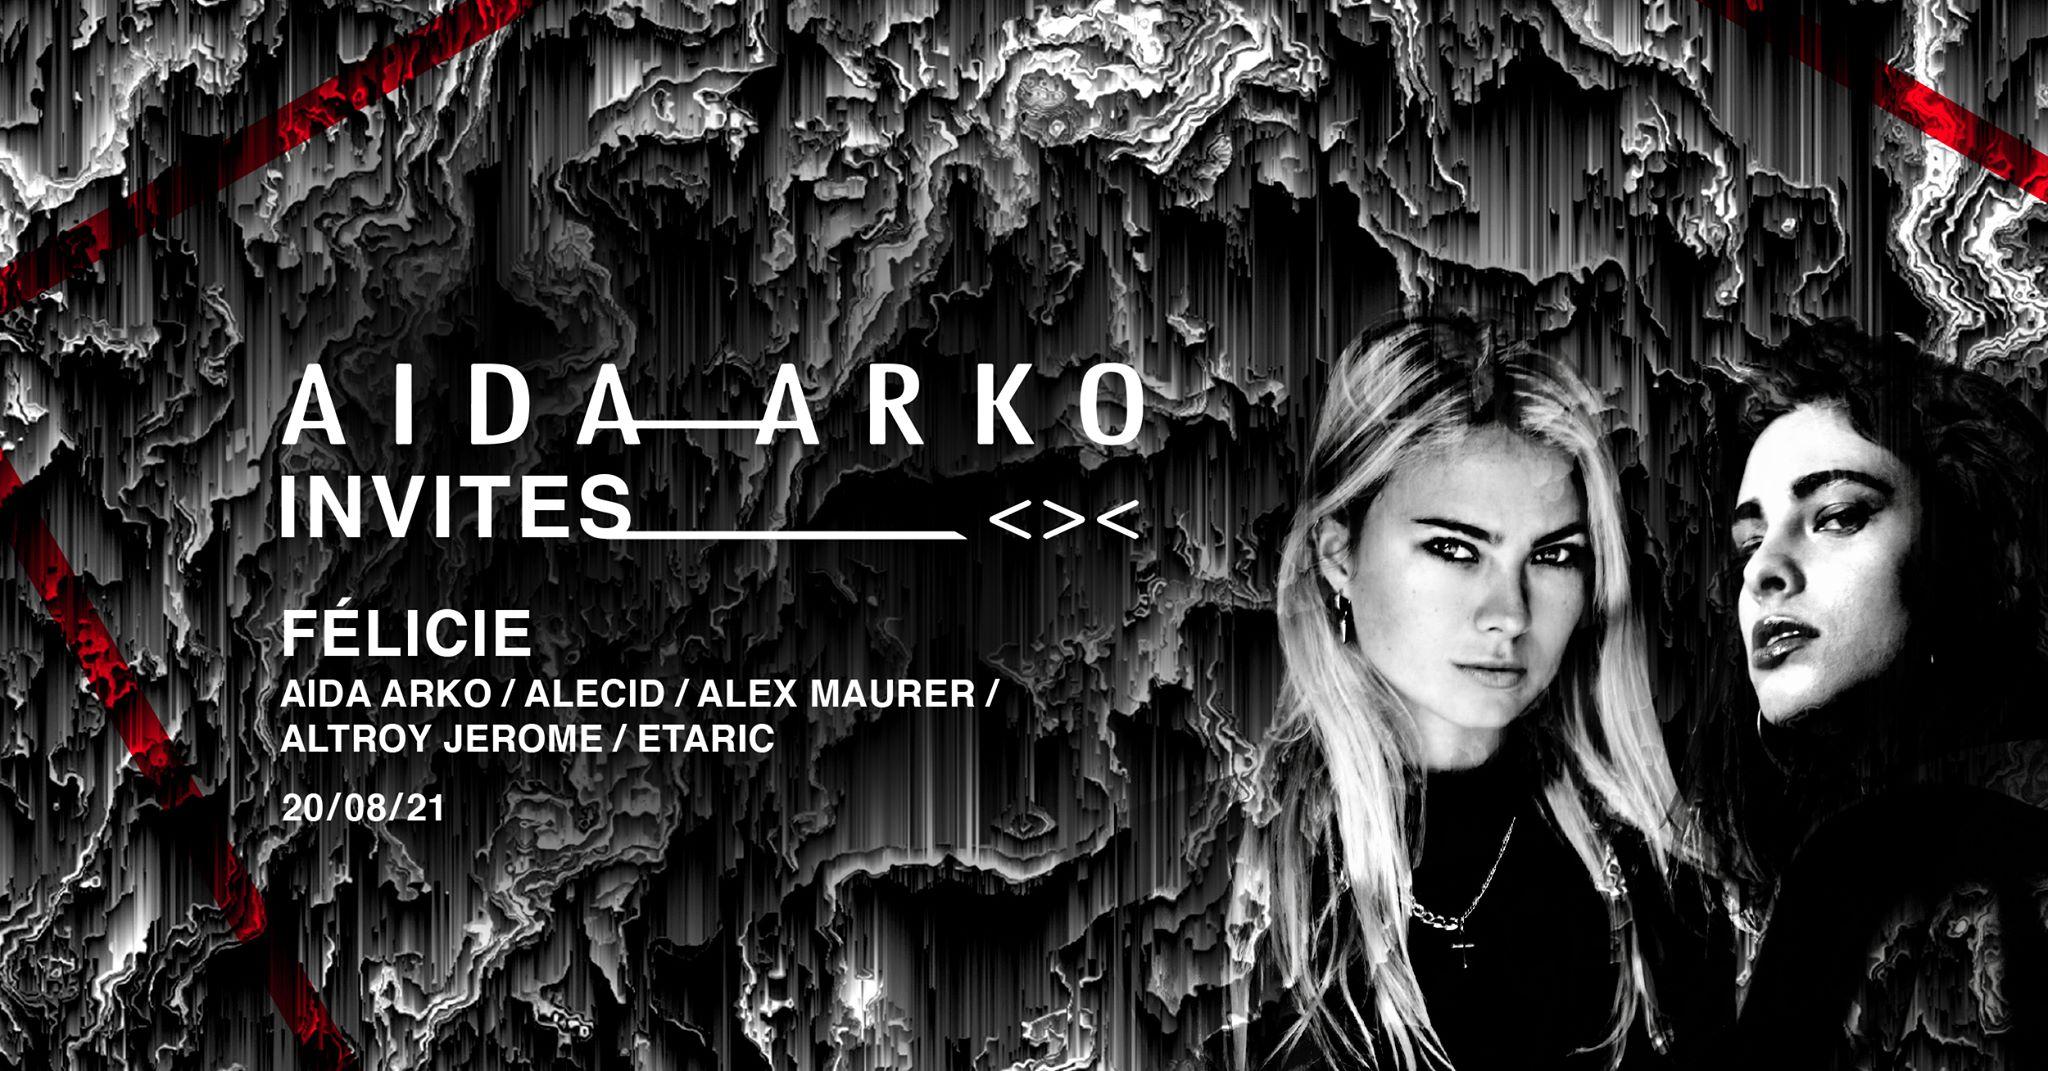 Events Wien: Aida Arko Invites   Felicie